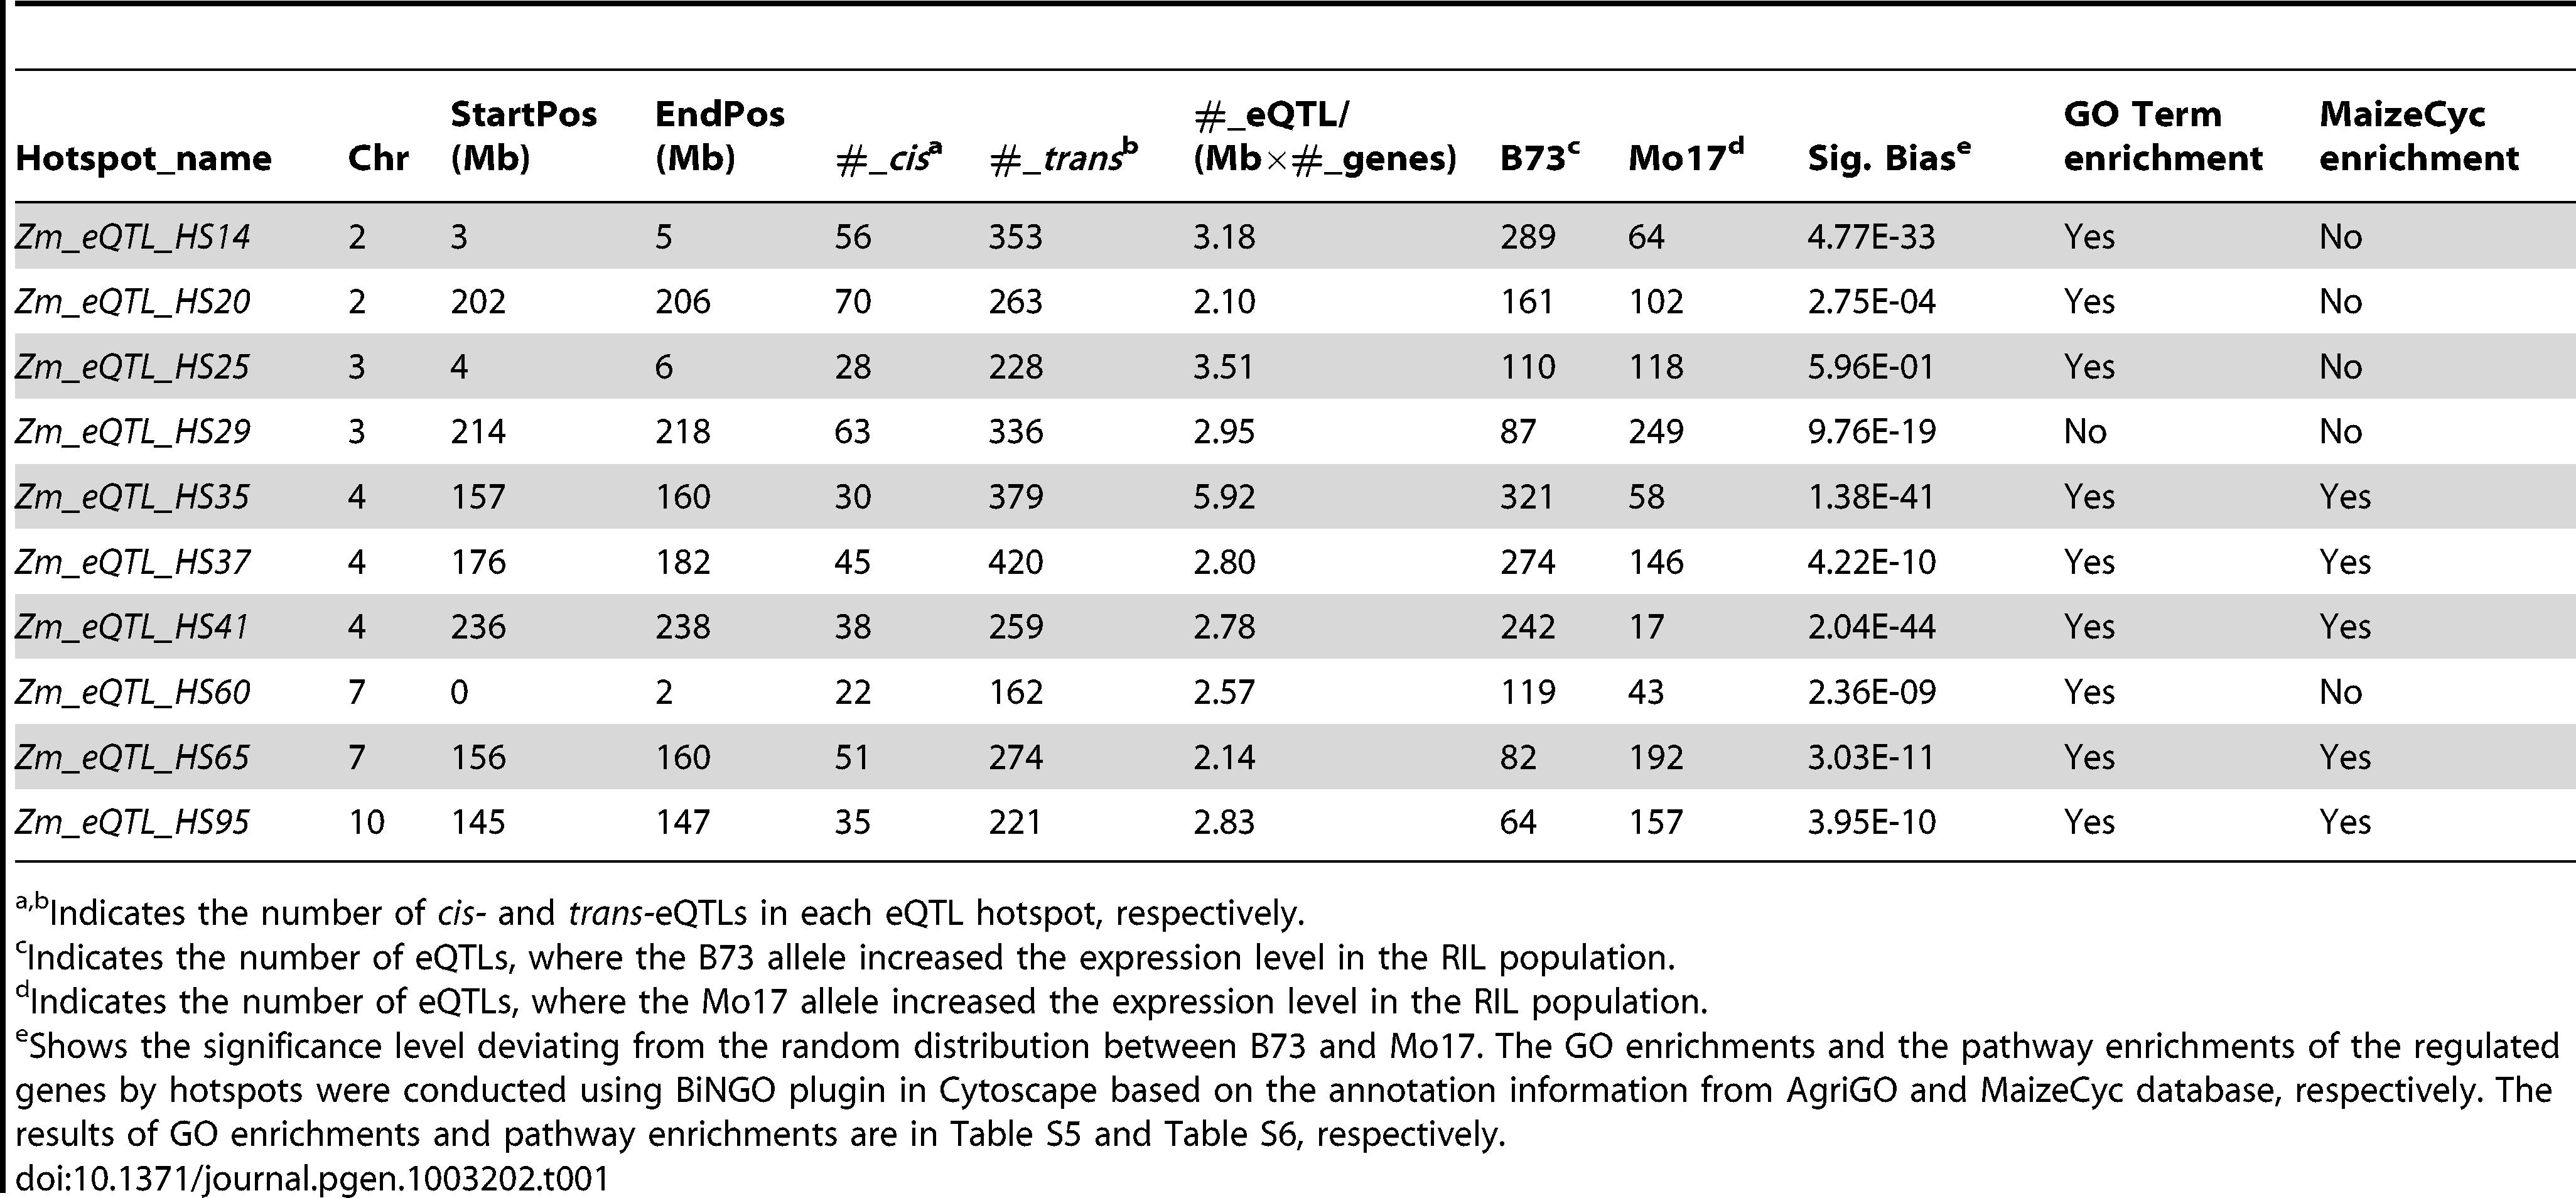 <i>Trans-</i>eQTL hotspots with at least 200 <i>trans-</i>eQTLs.